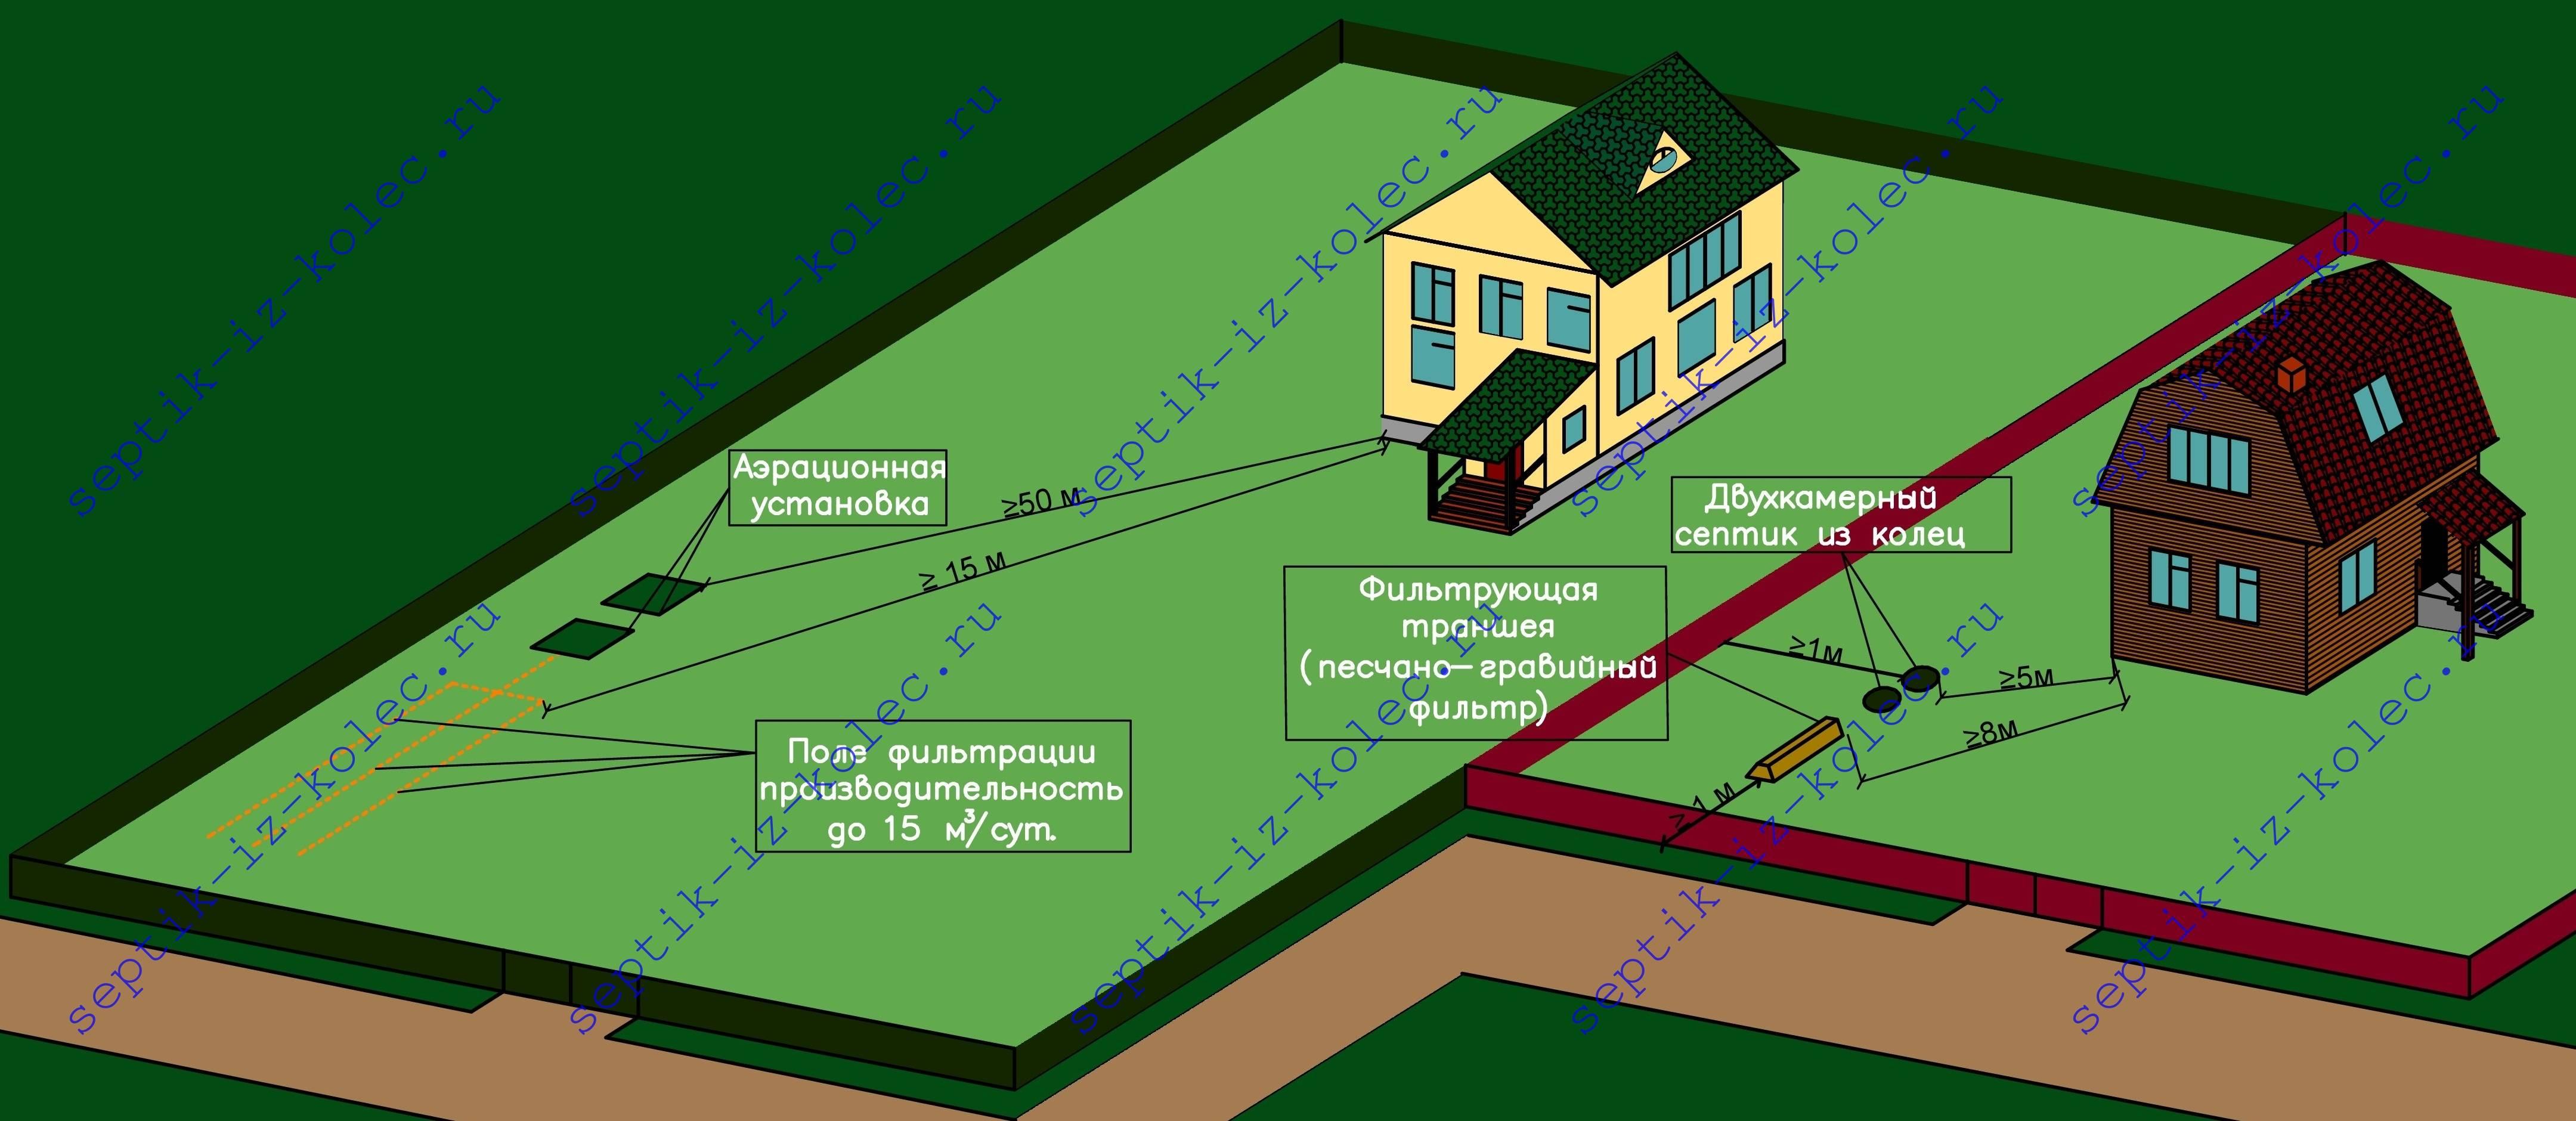 На каком расстоянии необходимо устанавливать газгольдер. как правильно определить расстояние от газгольдера до жилого дома: выбираем подходящее место на участке